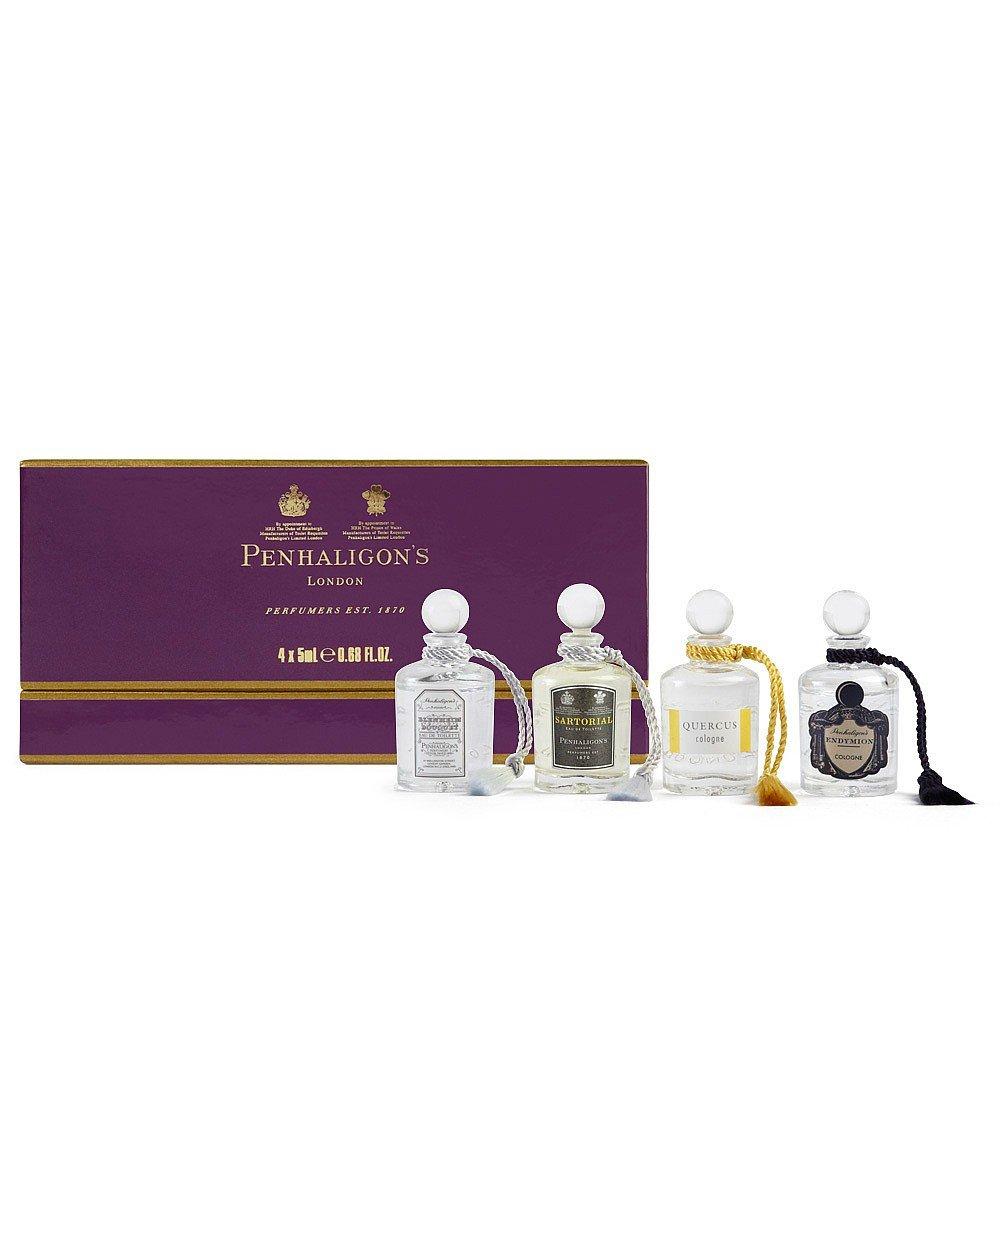 La colección de caballeros miniatura fragancia de Penhaligon 4x 5ml Penhaligon' s 9015005G